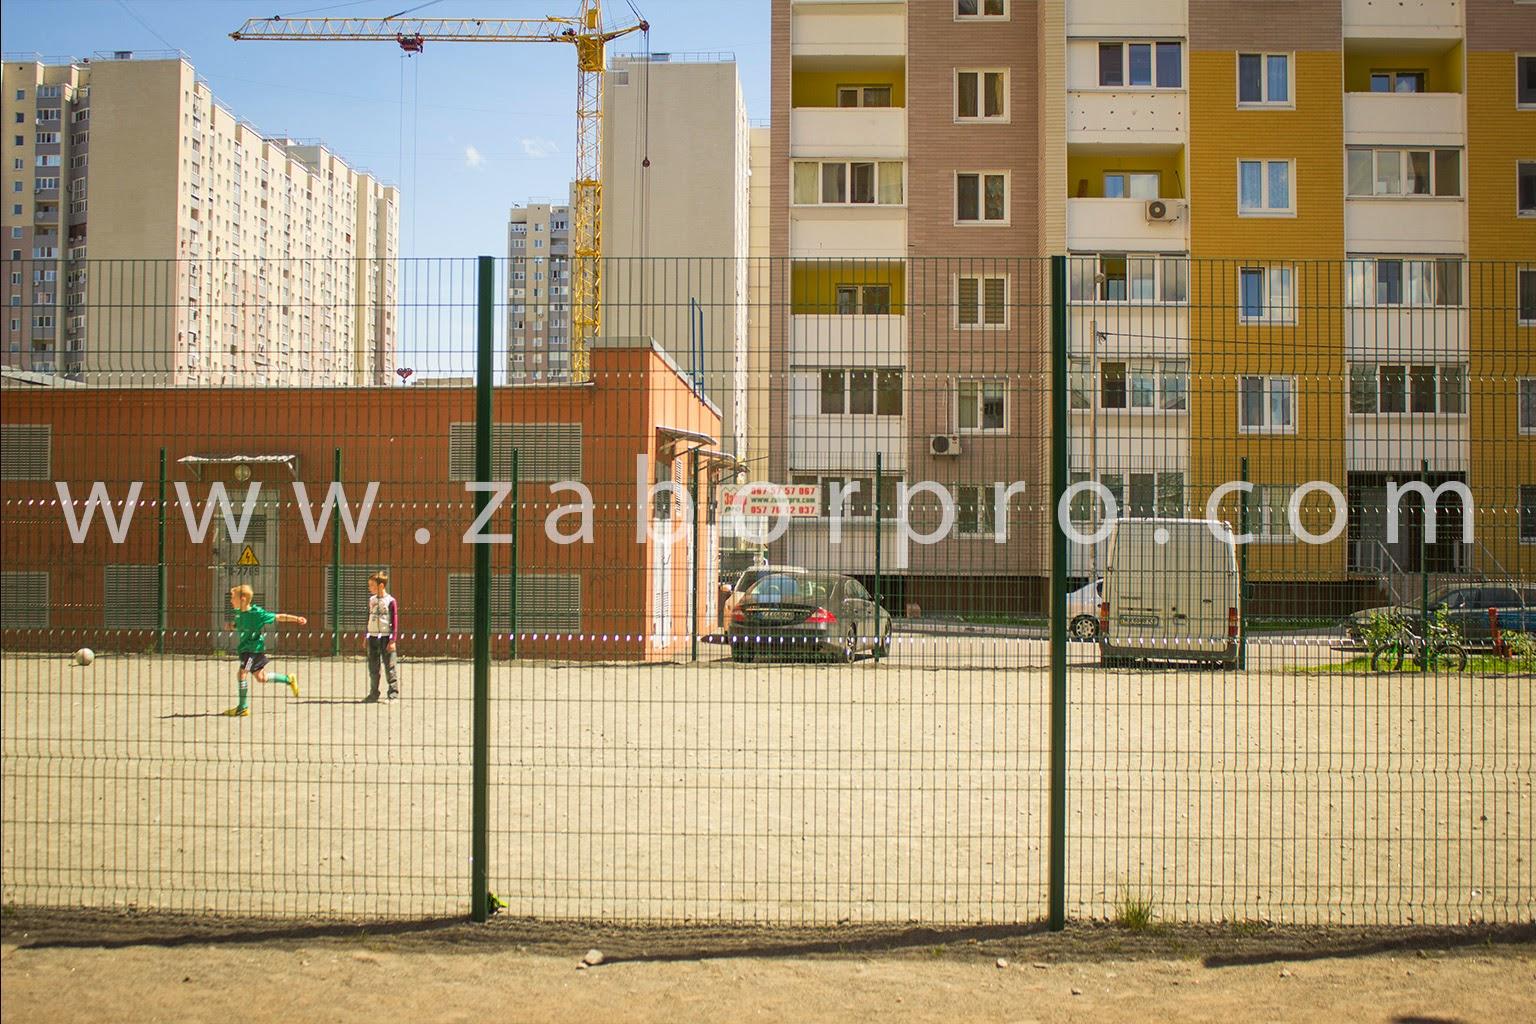 ограждение многоквартирного дома, спортивной и детской площадок-0006